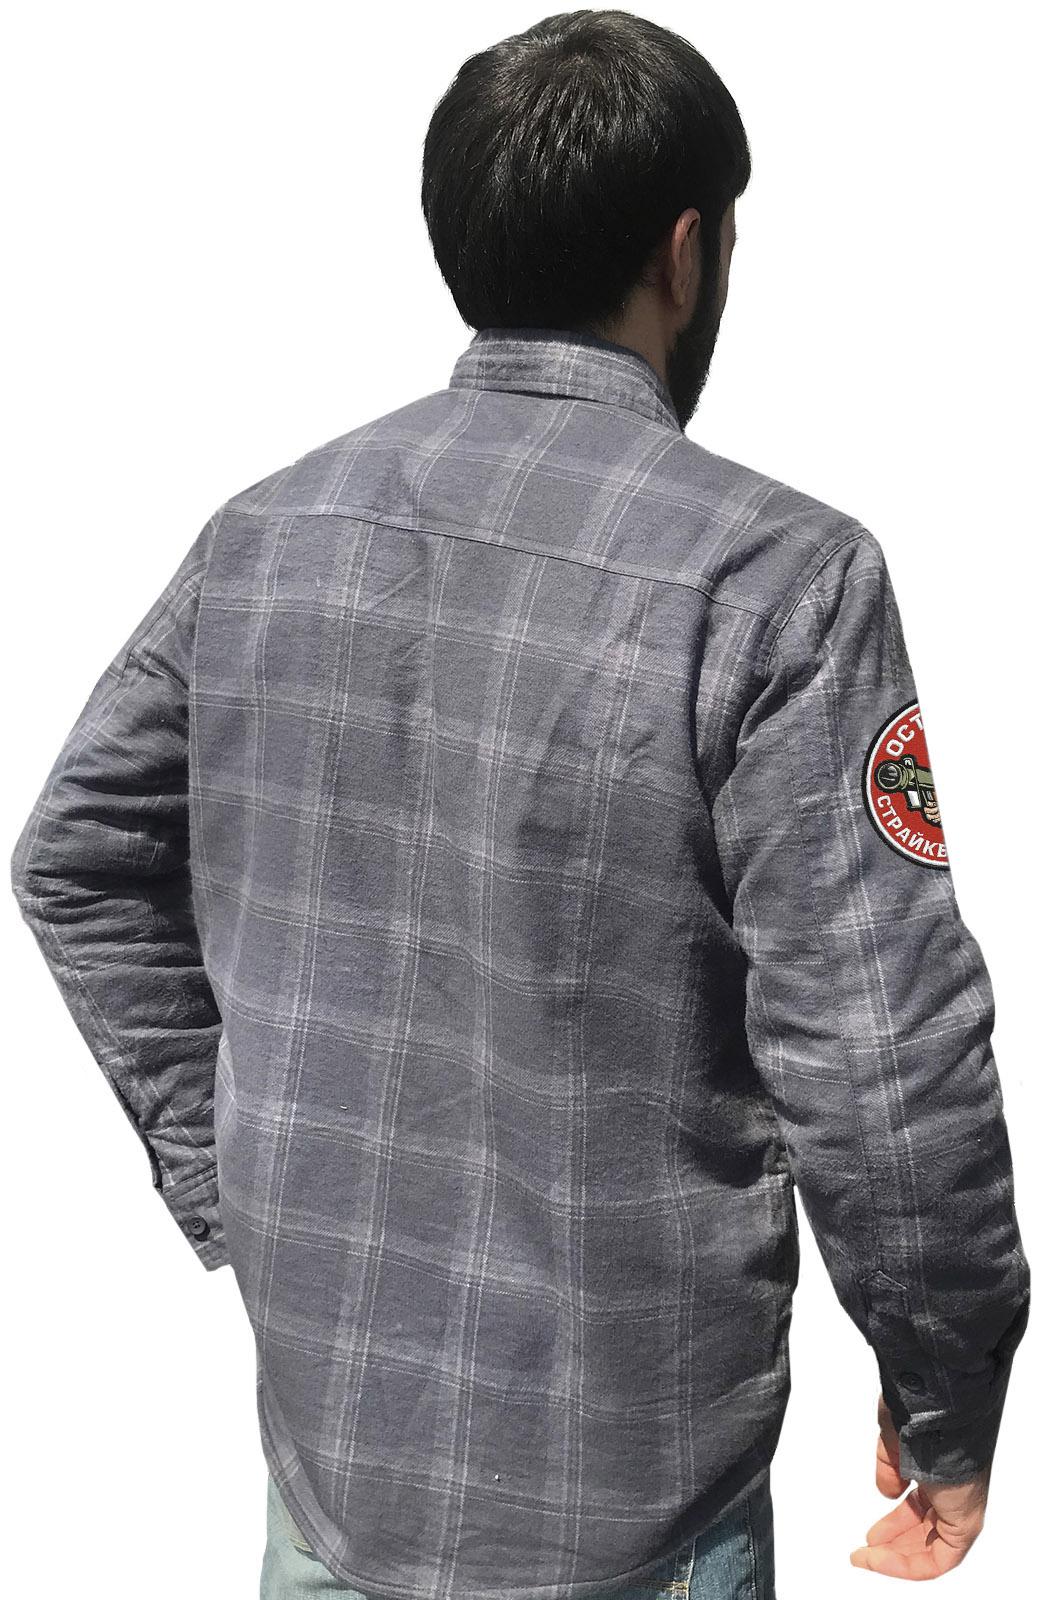 Купить мужскую теплую рубашку с вышитым шевроном страйкболиста по низкой цене